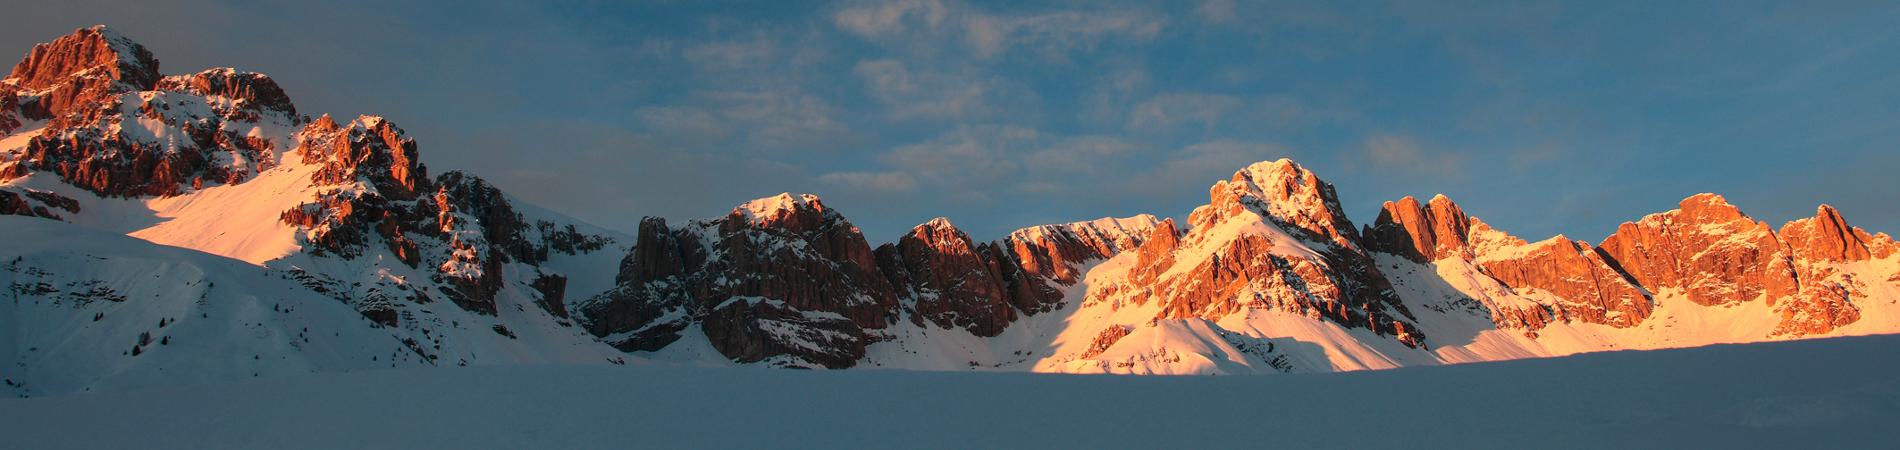 Settimana in montagna sulle Dolomiti